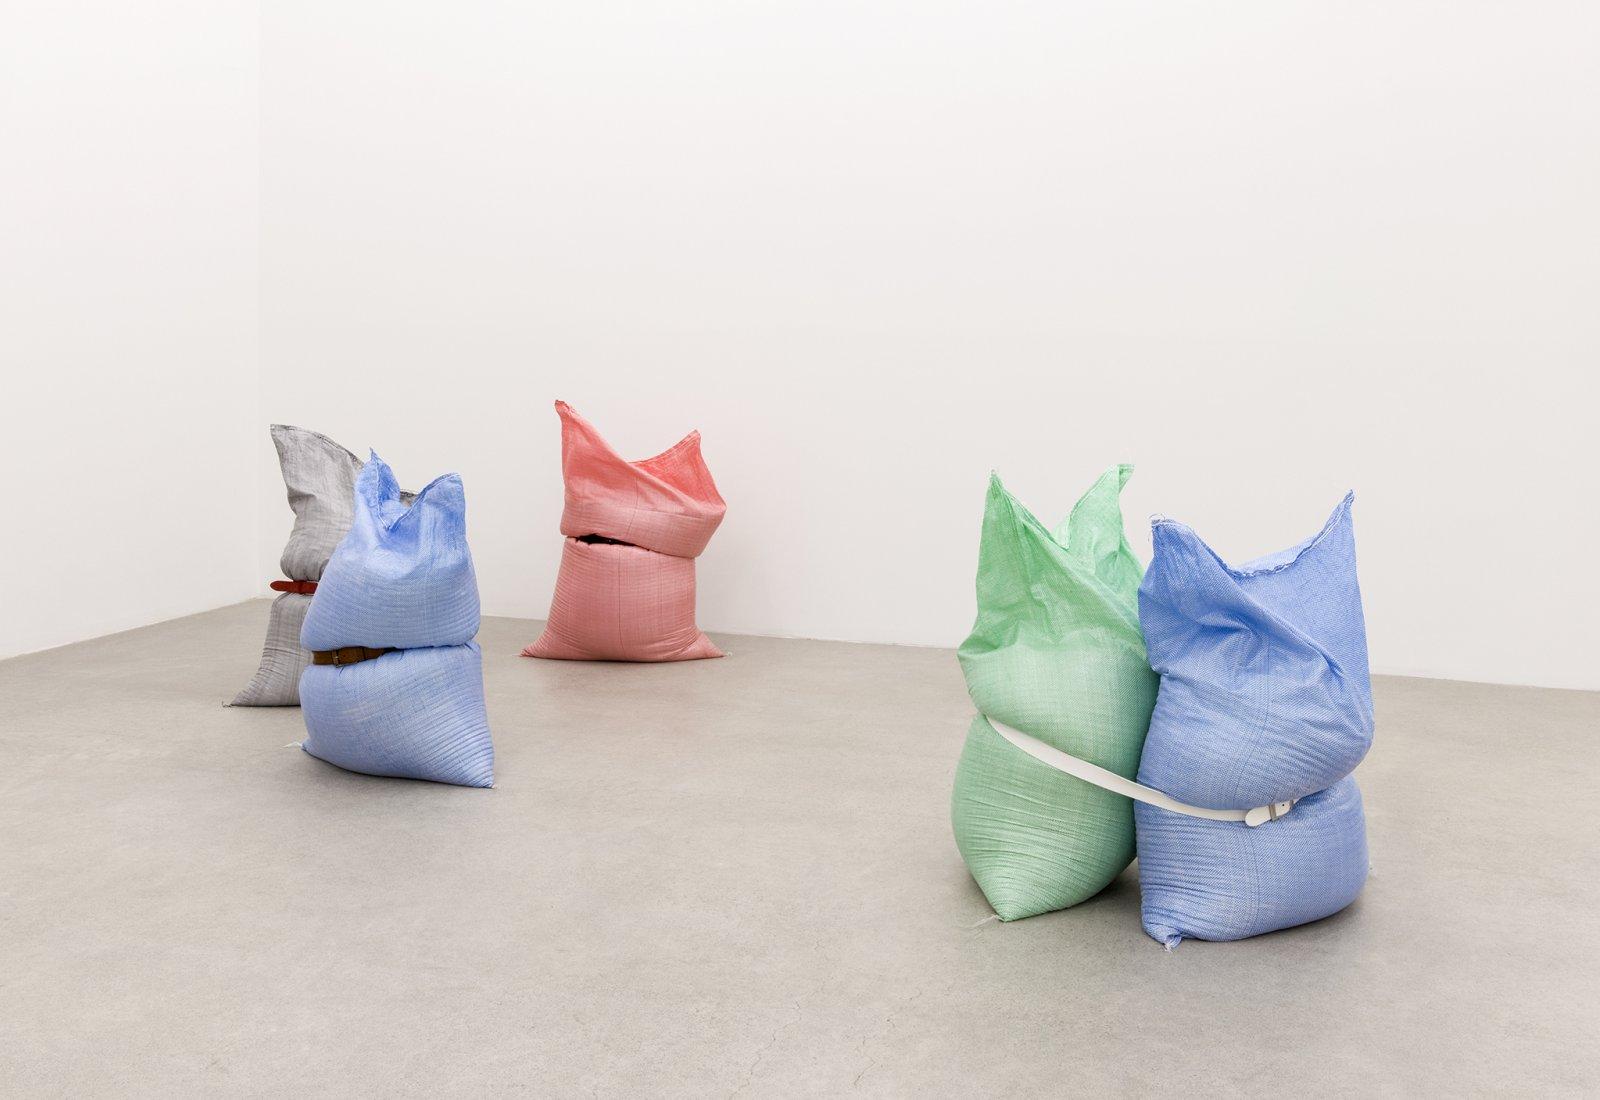 Brian Jungen,Fans, 2013, woven plastic bags, grain, belts, dimensions variable